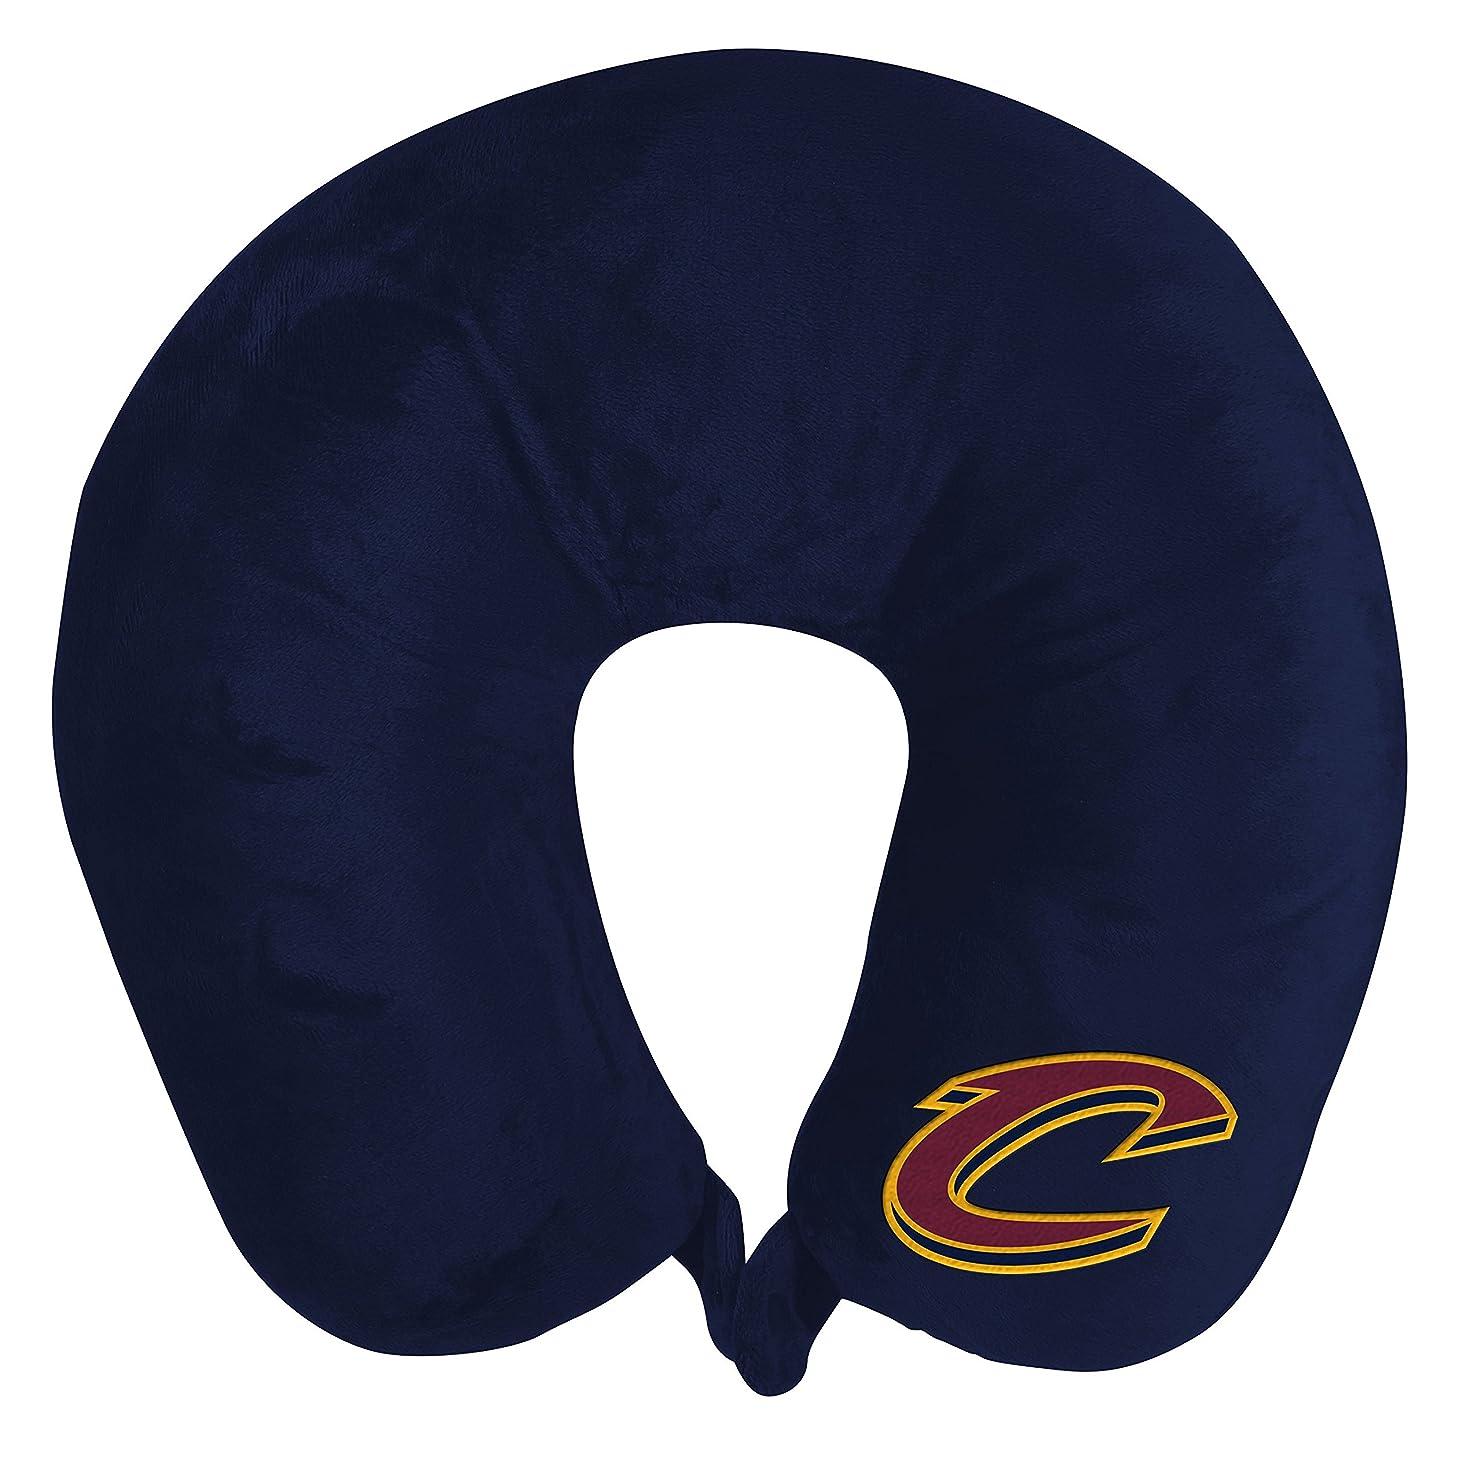 静かなメカニック人The Northwest会社NBA Cleveland Cavaliersアップリケネックpillowapplique首枕、ブルー、1サイズ